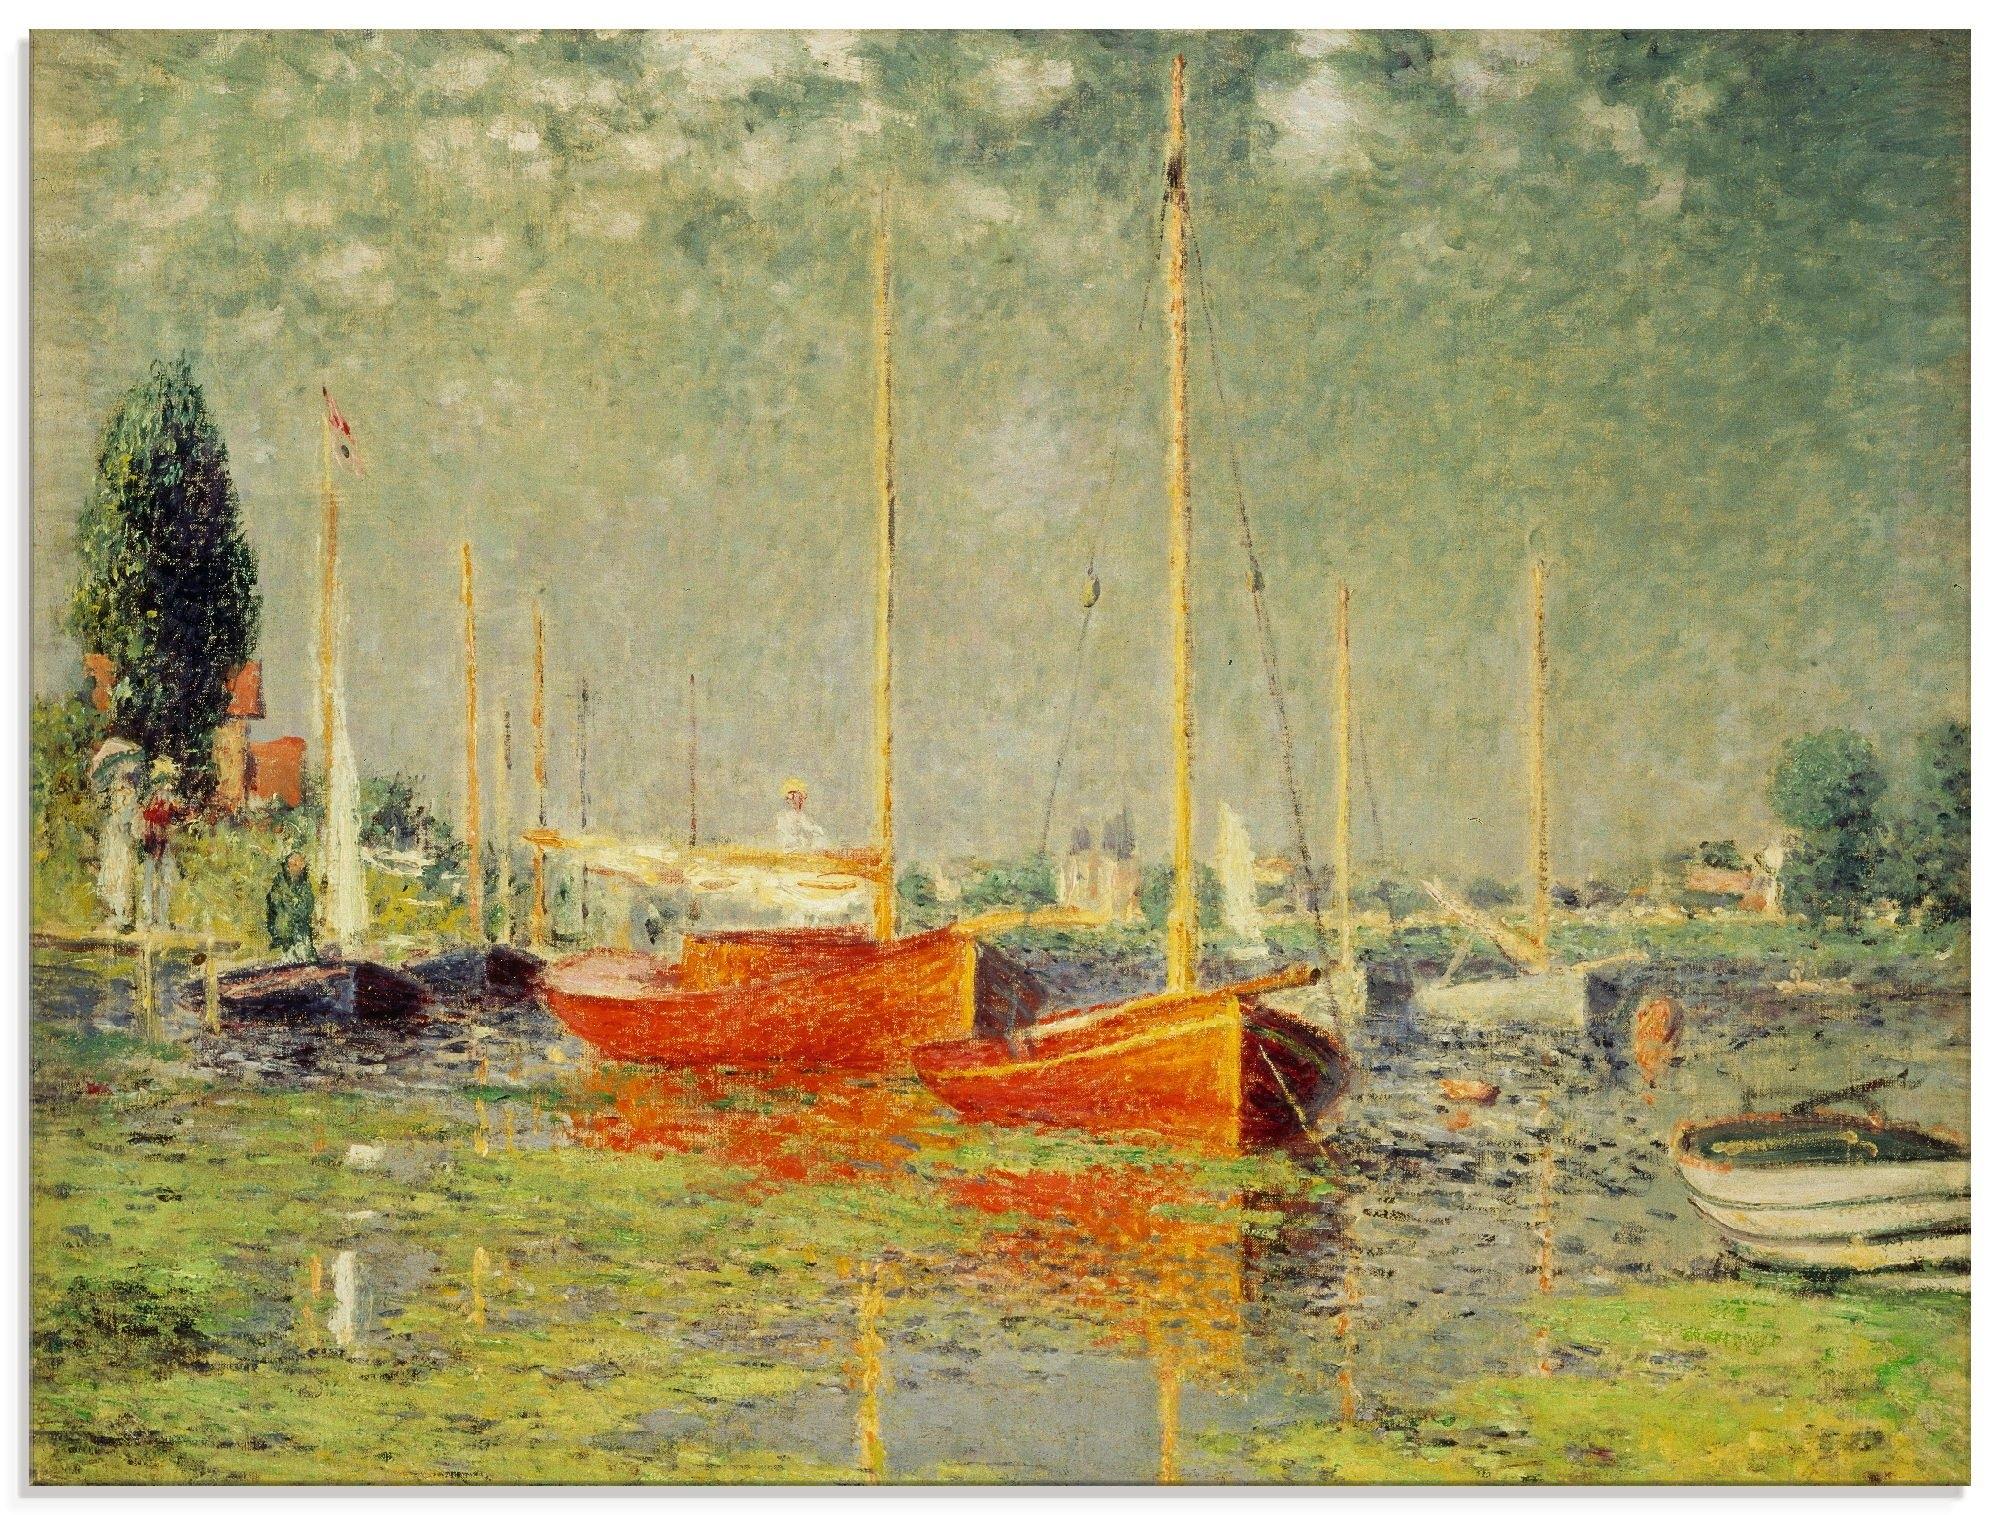 Artland Print op glas De rode boten van Argenteuil. 1875 (1 stuk) veilig op otto.nl kopen